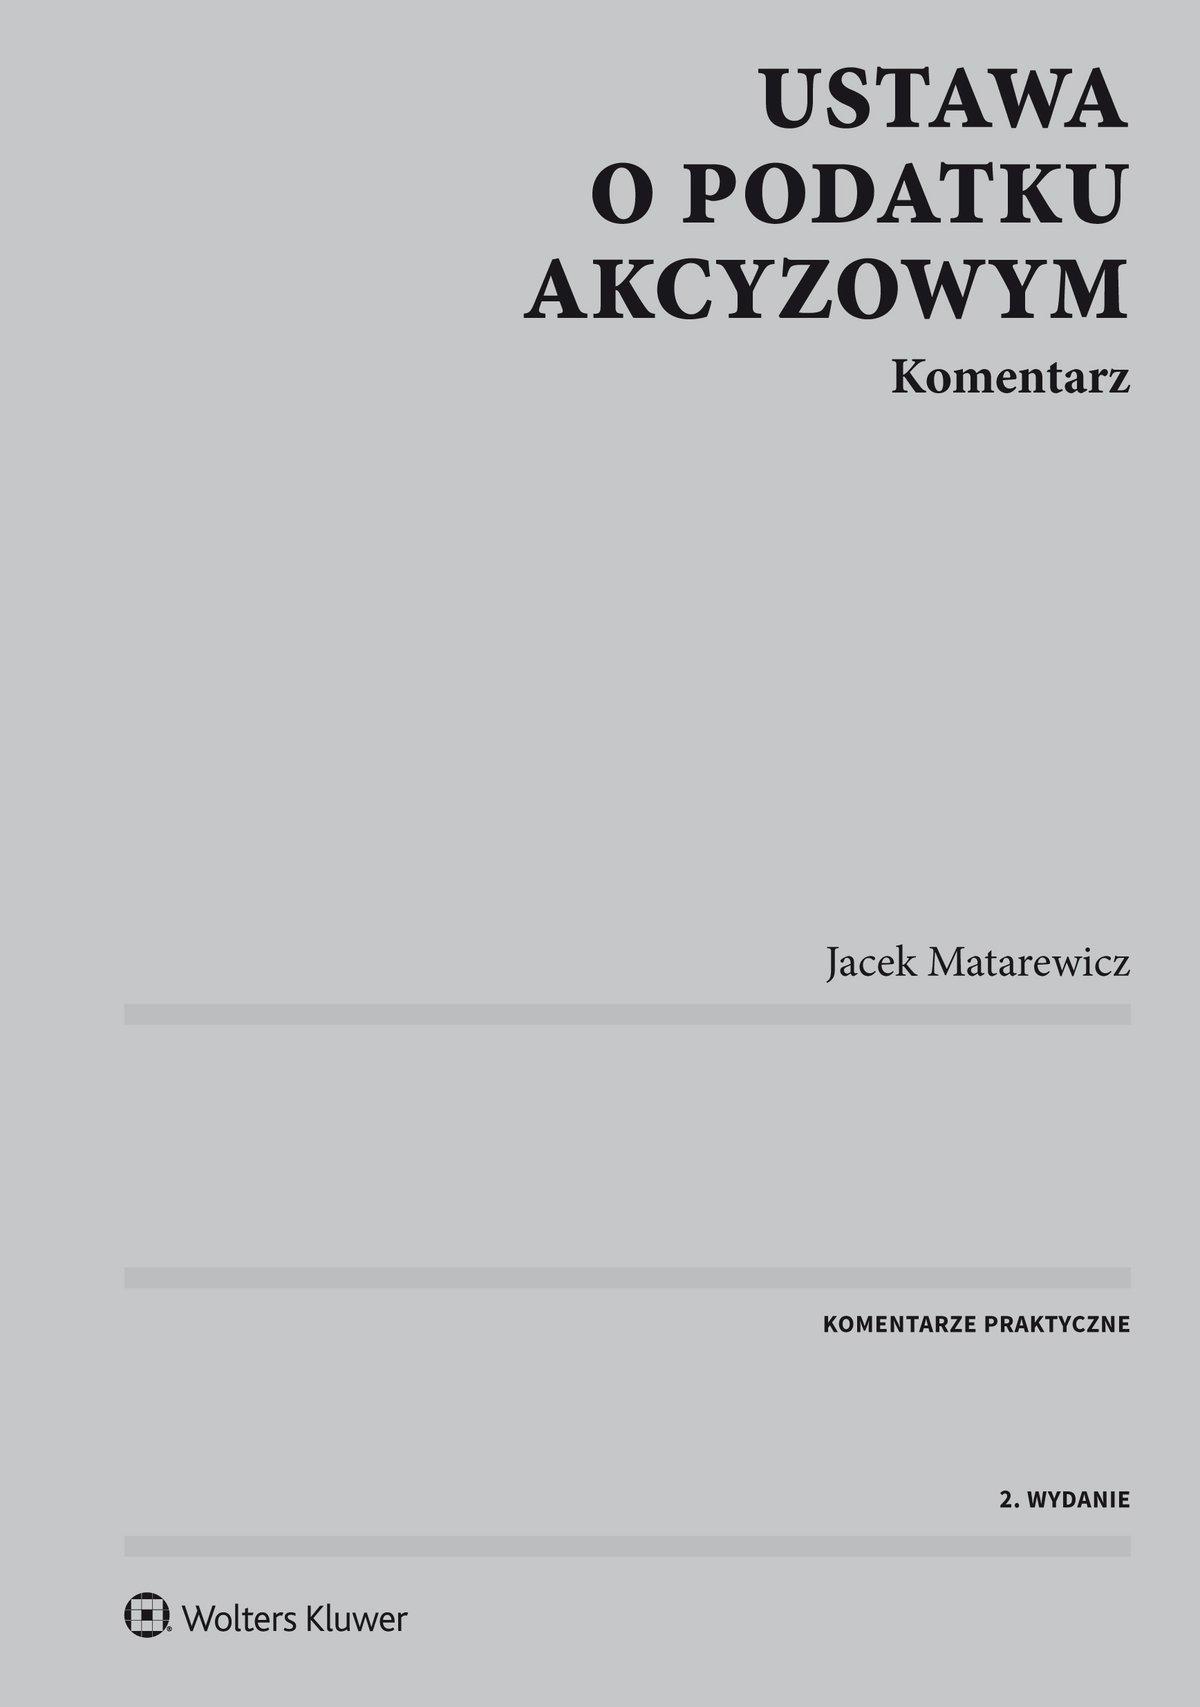 Ustawa o podatku akcyzowym. Komentarz - Ebook (Książka PDF) do pobrania w formacie PDF